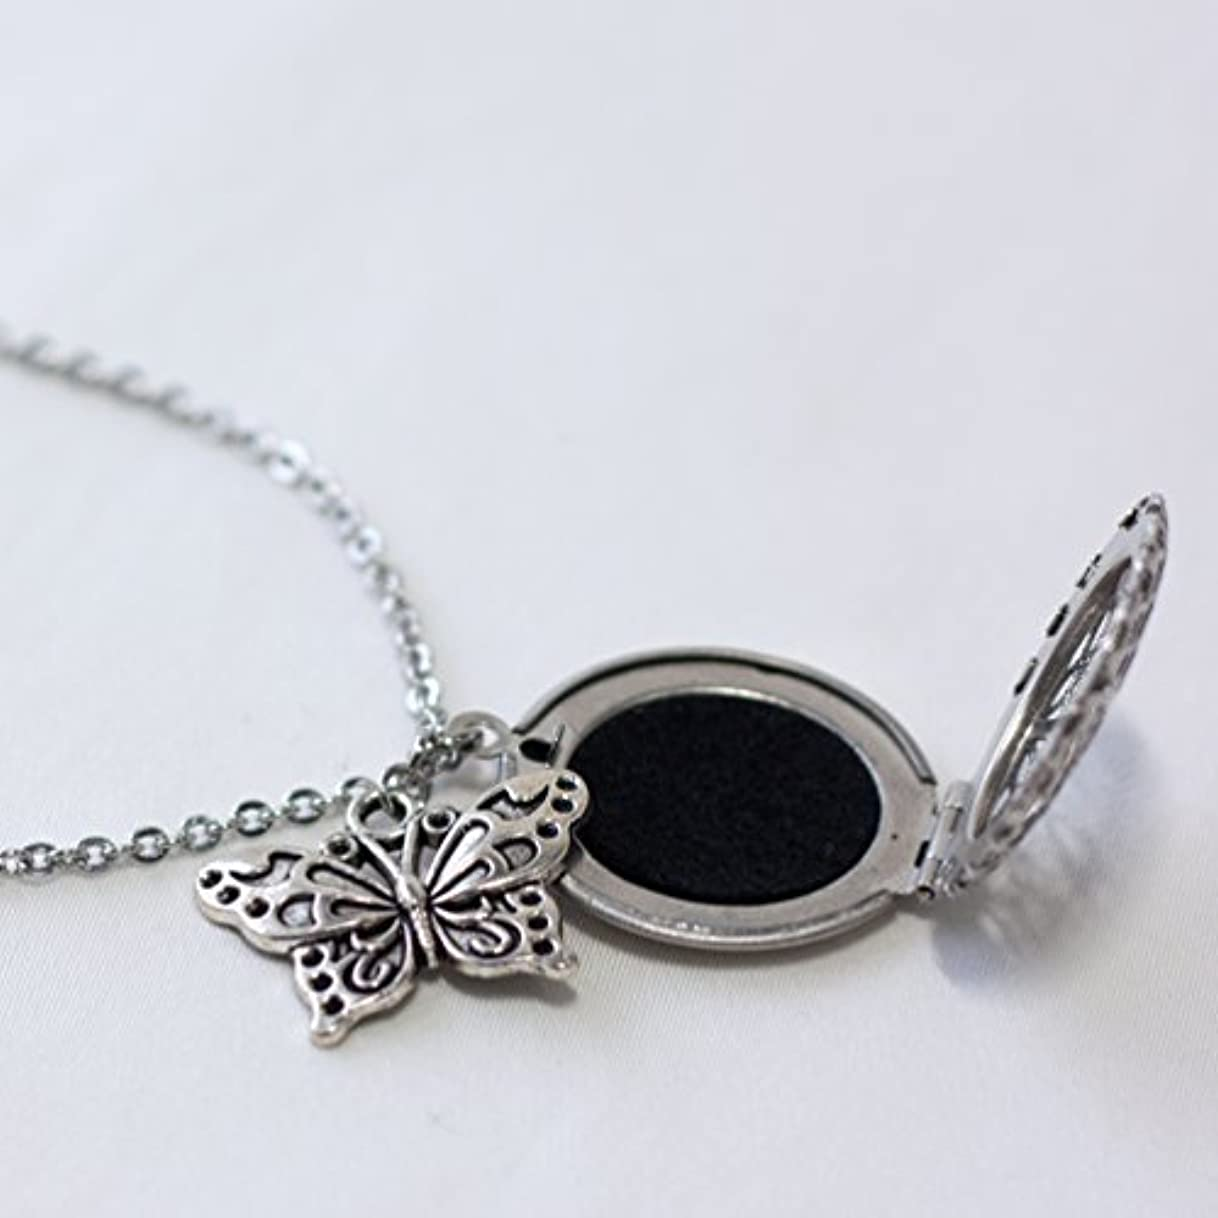 副産物データベース引っ張るEssential Oil Diffuser Necklace with Butterfly 18 inches with felt pads [並行輸入品]